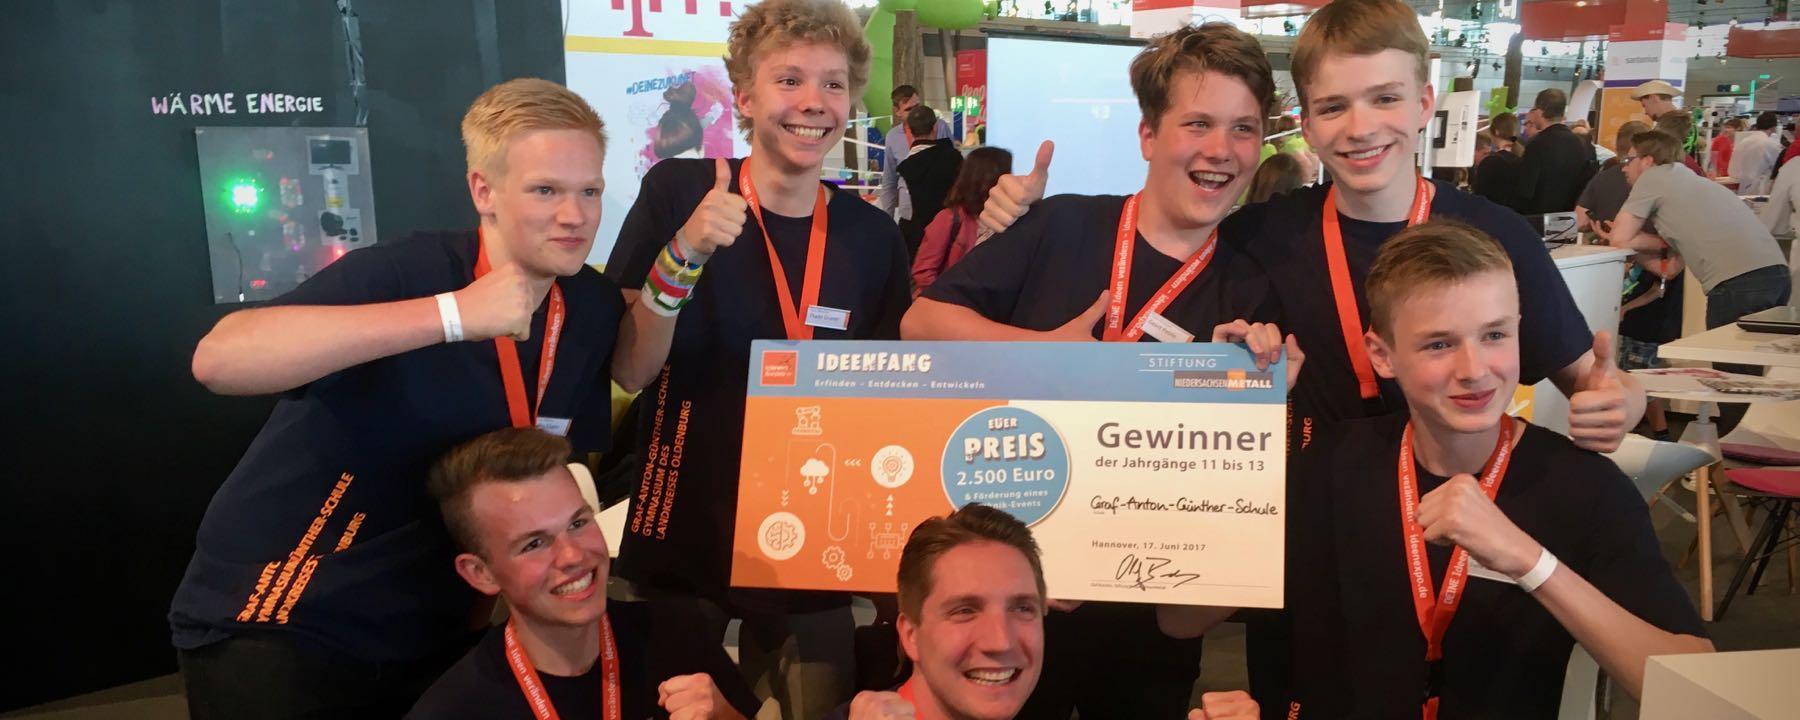 2017 08 10 GAG Schüler Gewinnen Ideenfang Wettbewerb – 4 Von 4